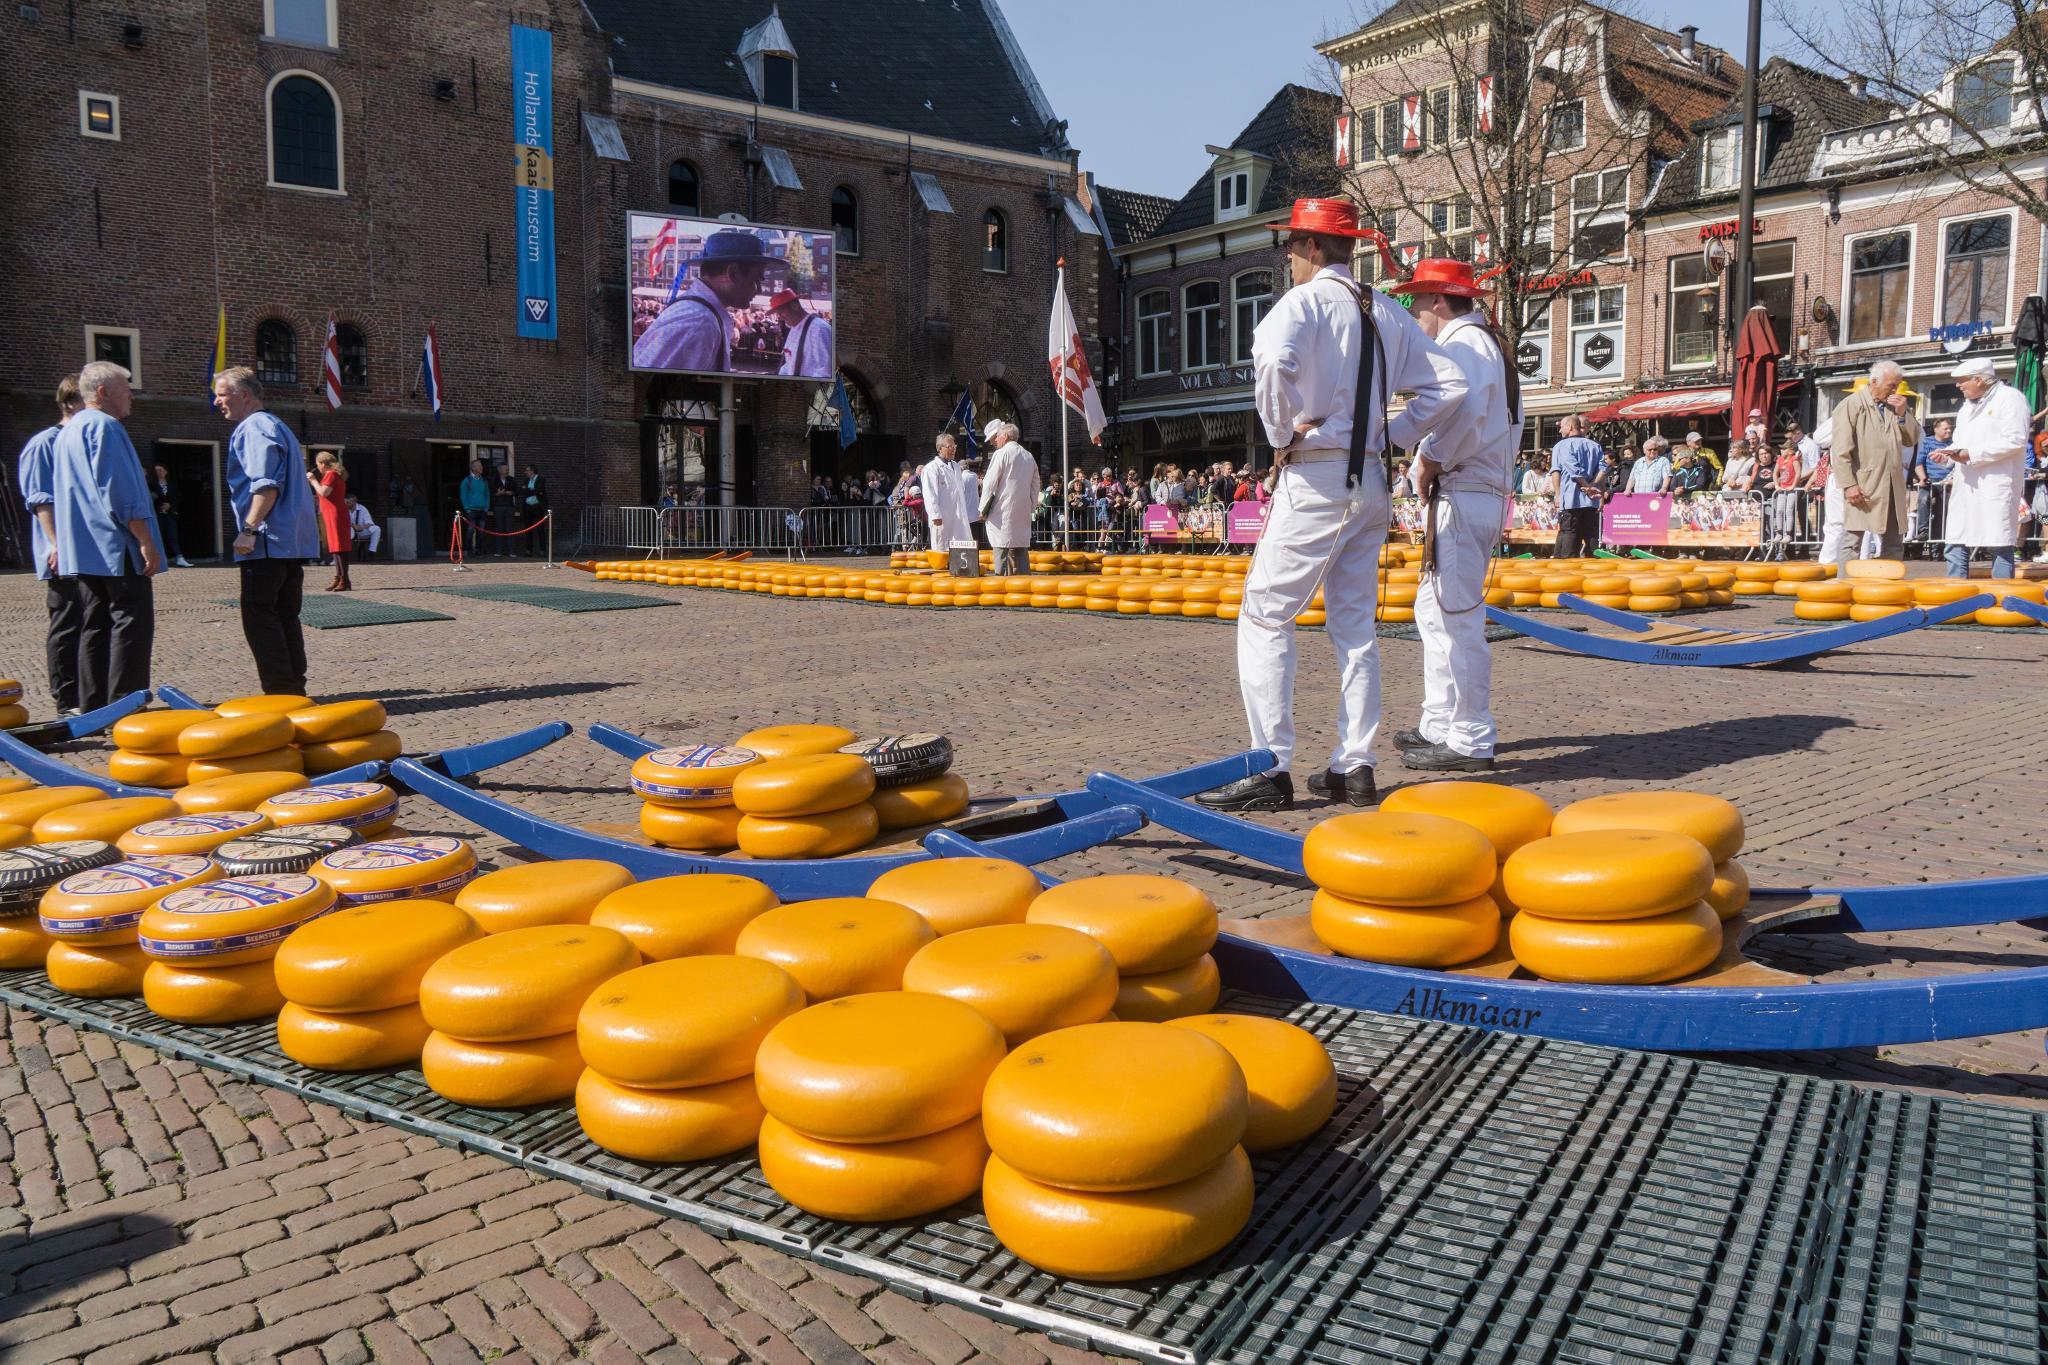 【荷蘭印象】體驗道地的荷式風情 — Alkmaar 起司市集 散步路線整理 22